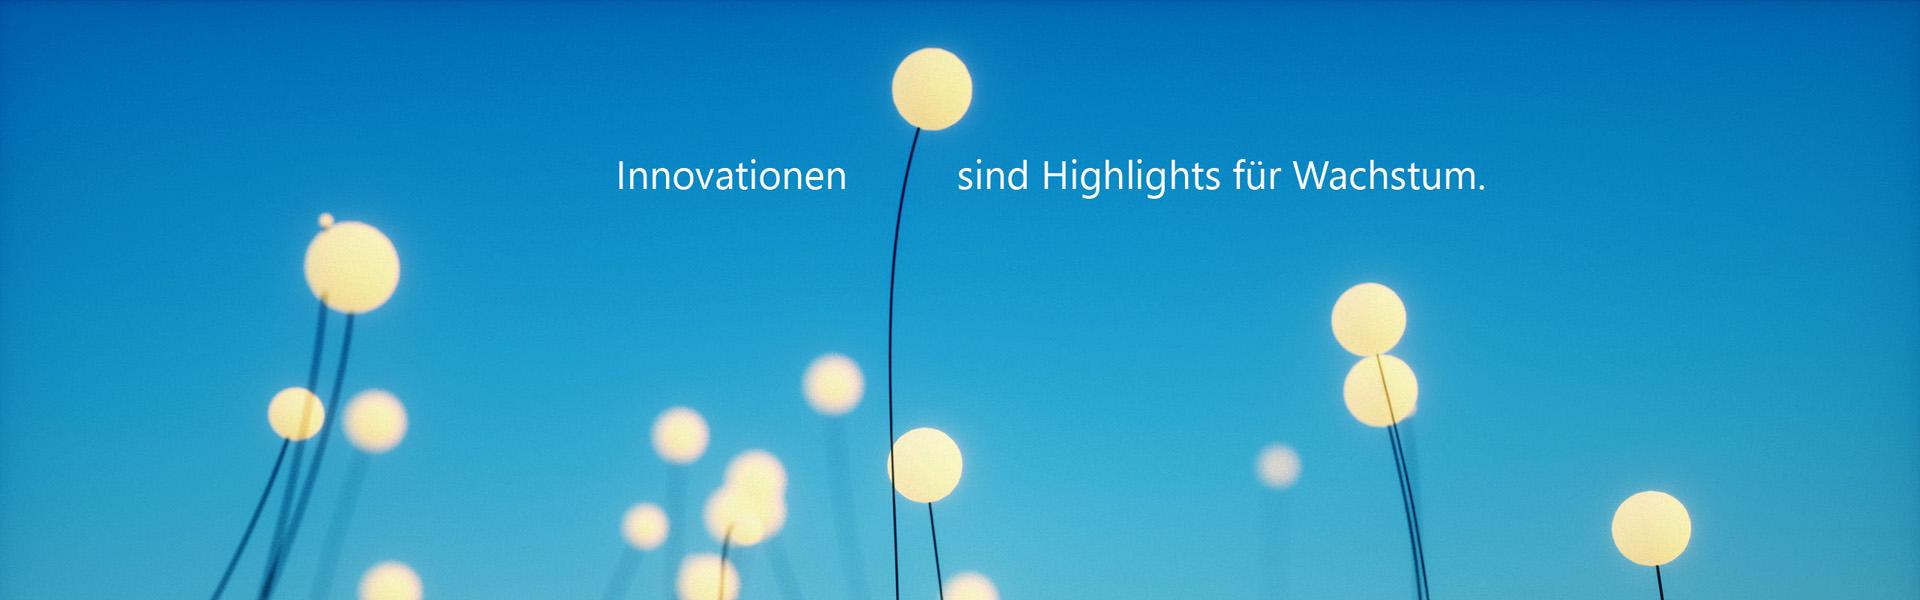 Innovationen, Trends und Technologien